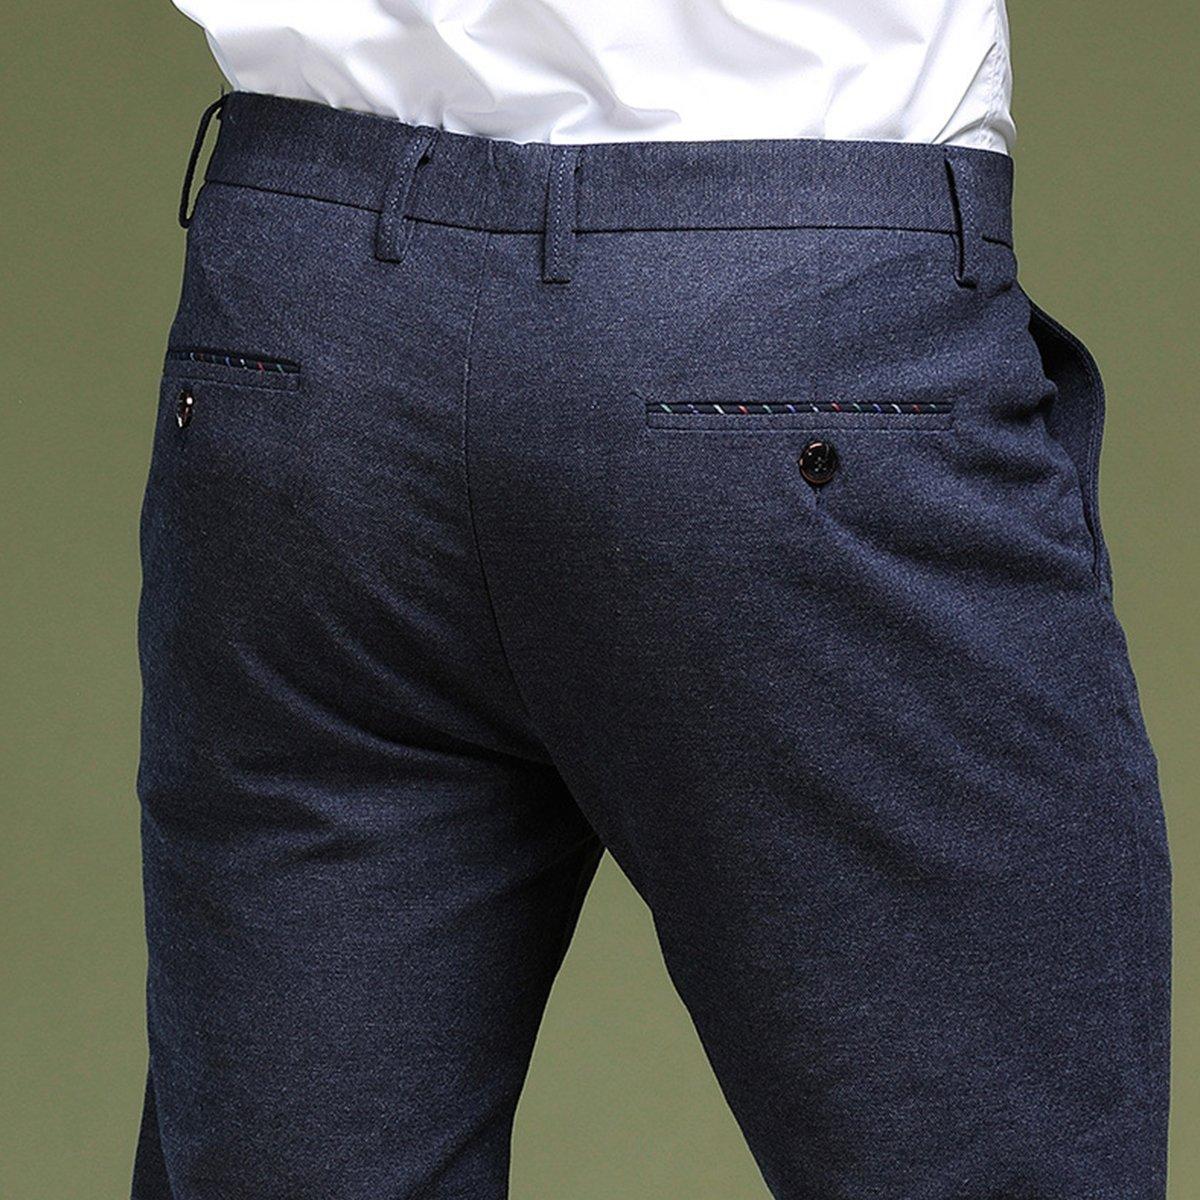 0946d12fce Zhhlinyuan Flat-Front Pant Pantalón de Traje Entallado para Hombre Slim  Casual Oficina Negocio Pantalones Tamaño 30-40 Disponible  Amazon.es  Ropa  y ...